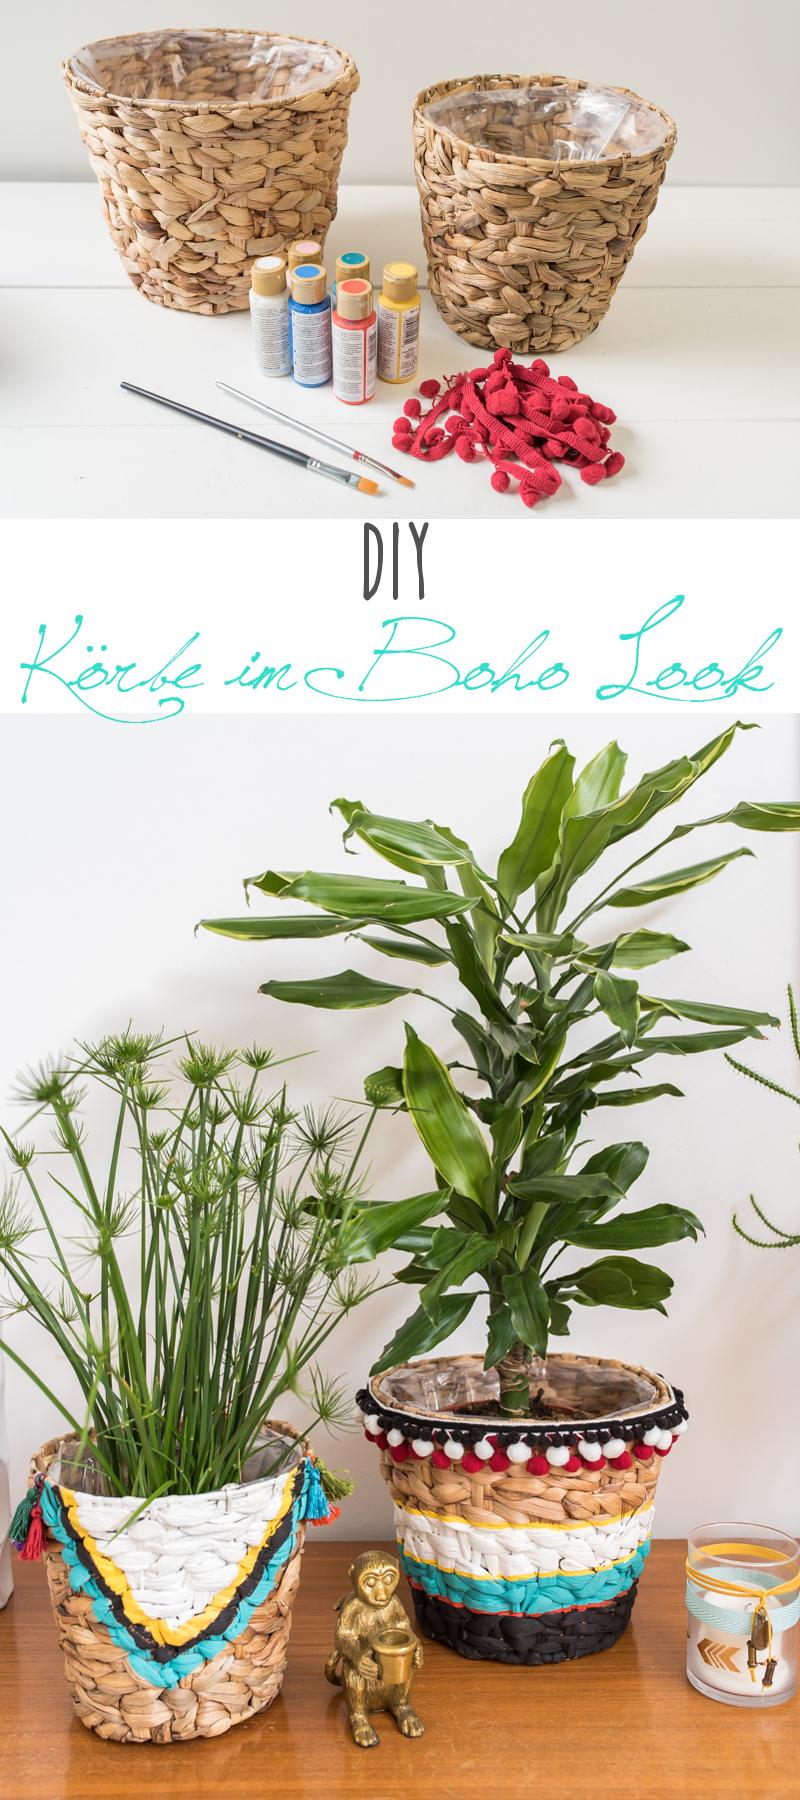 DIY Anleitung für bemalte Blumentöpfe aus Seegras im Boho Ibiza Sommer Look mit Bommelborte und Quasten für das Wohnzimmer im sommerlichen Beach Style